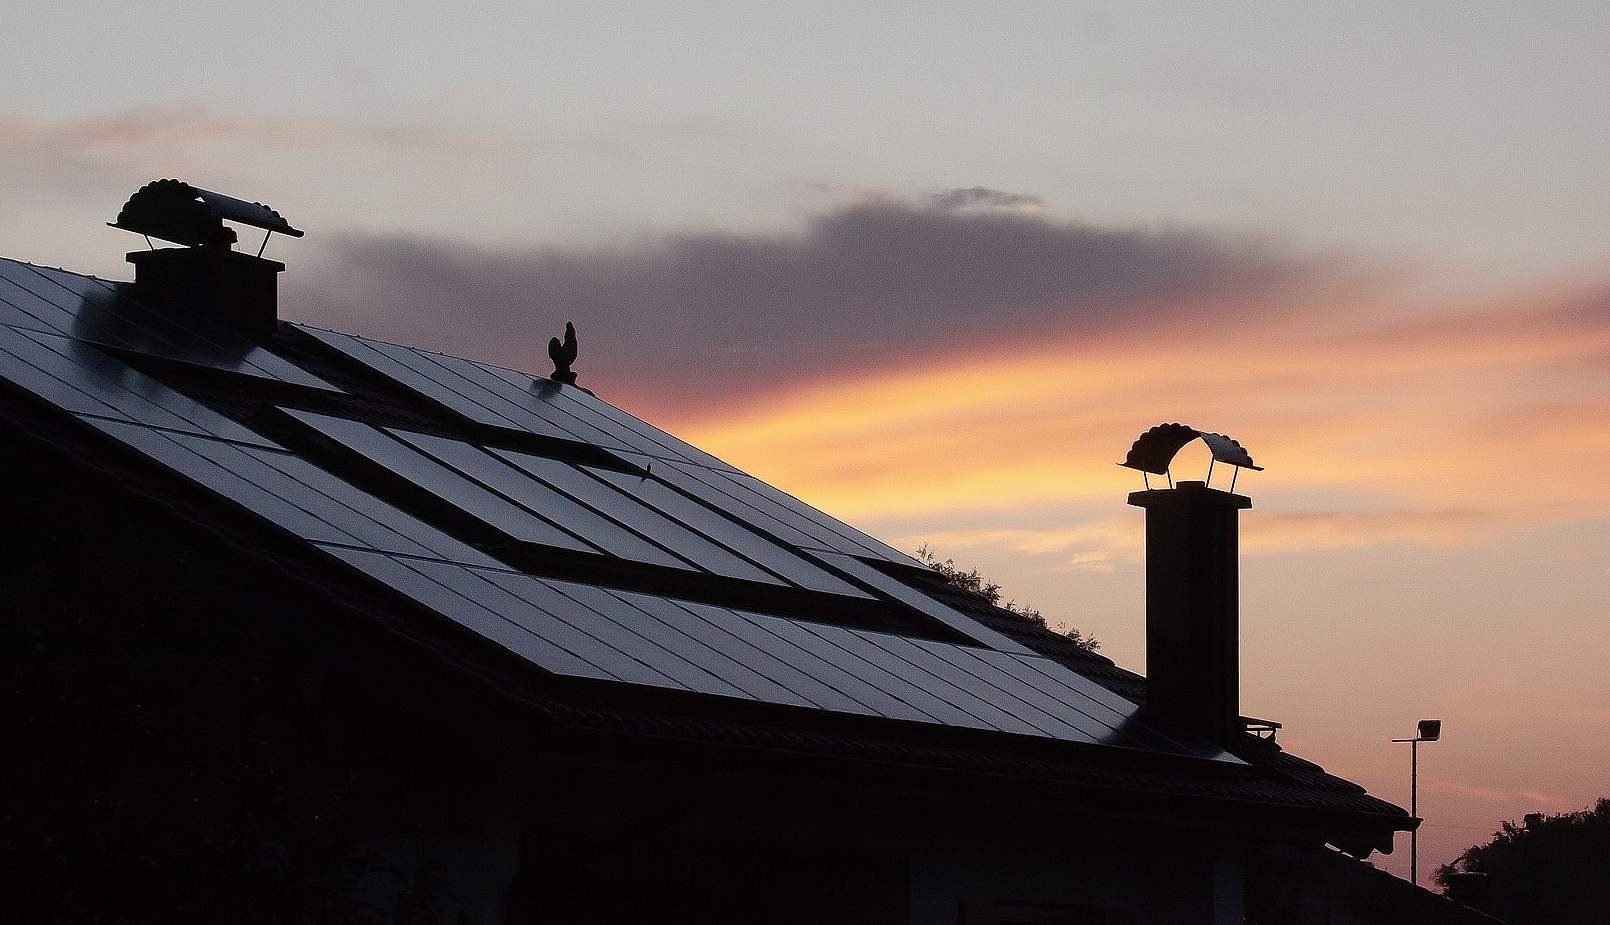 Solární panely na večerní střeše (Pixabay)